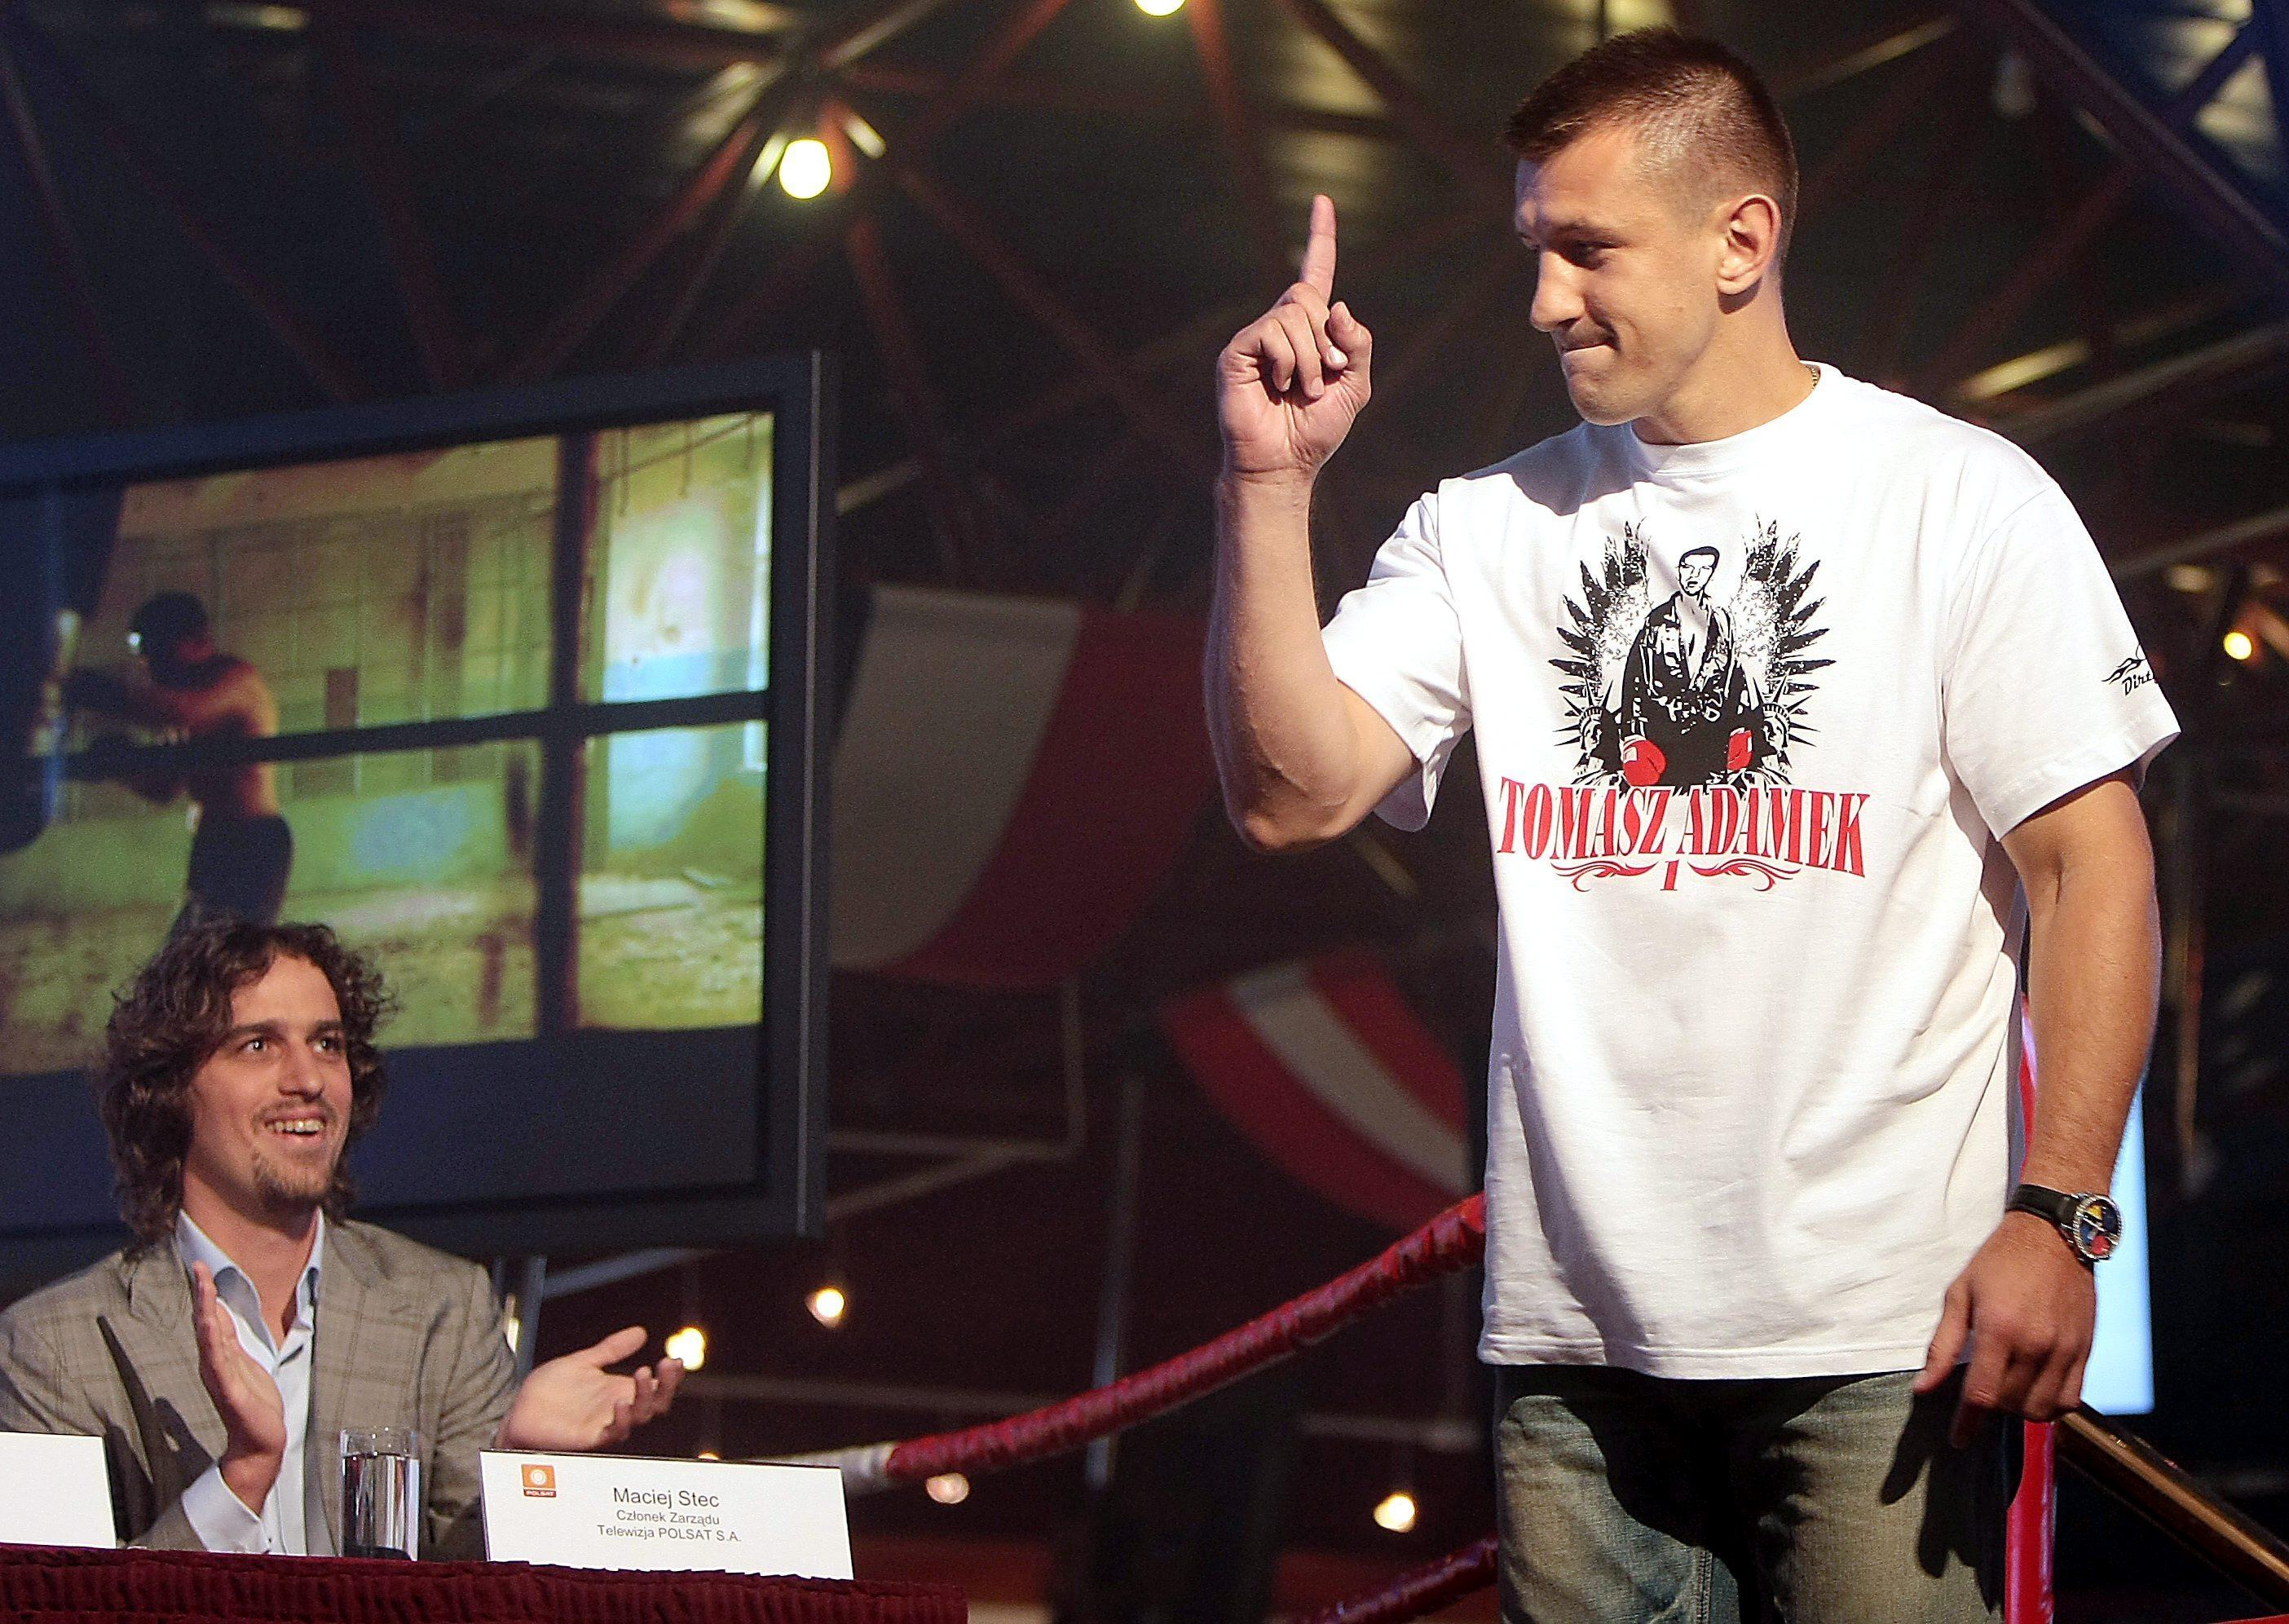 El campeón polaco de boxeo Tomasz Adamek será candidato a las elecciones europeas